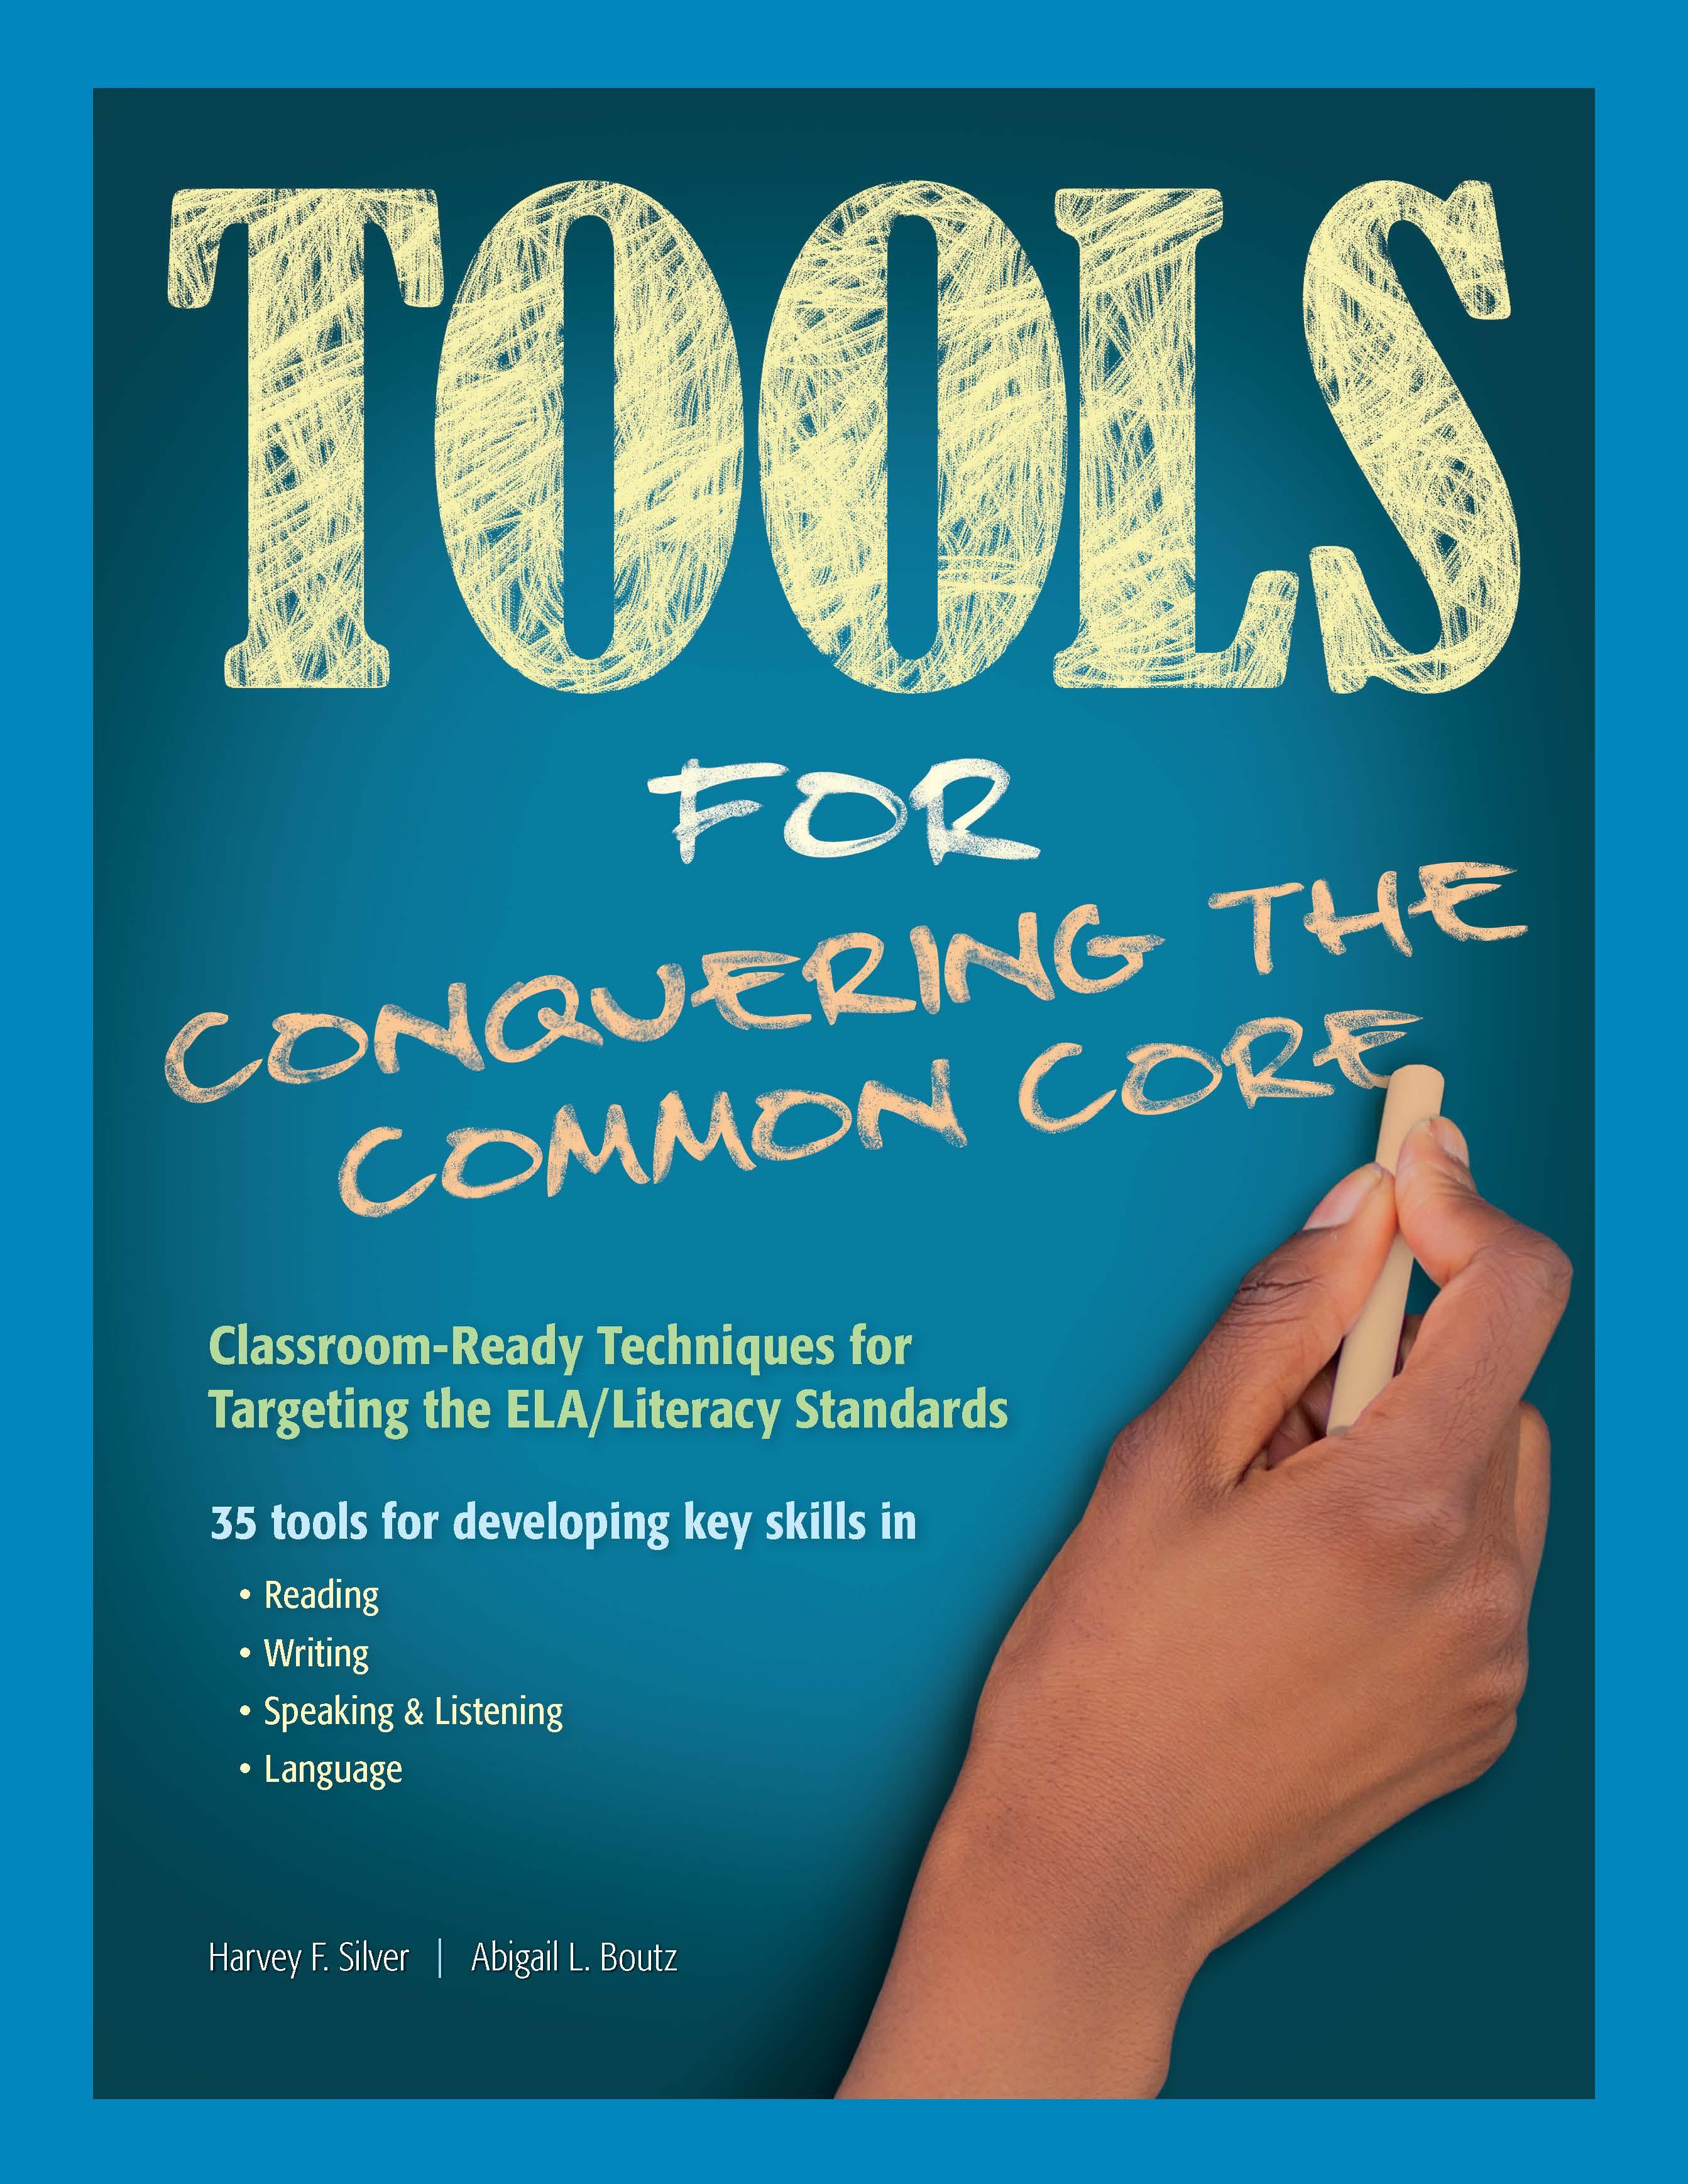 u0026quot tools for conquering the common core u0026quot  wins a 2016